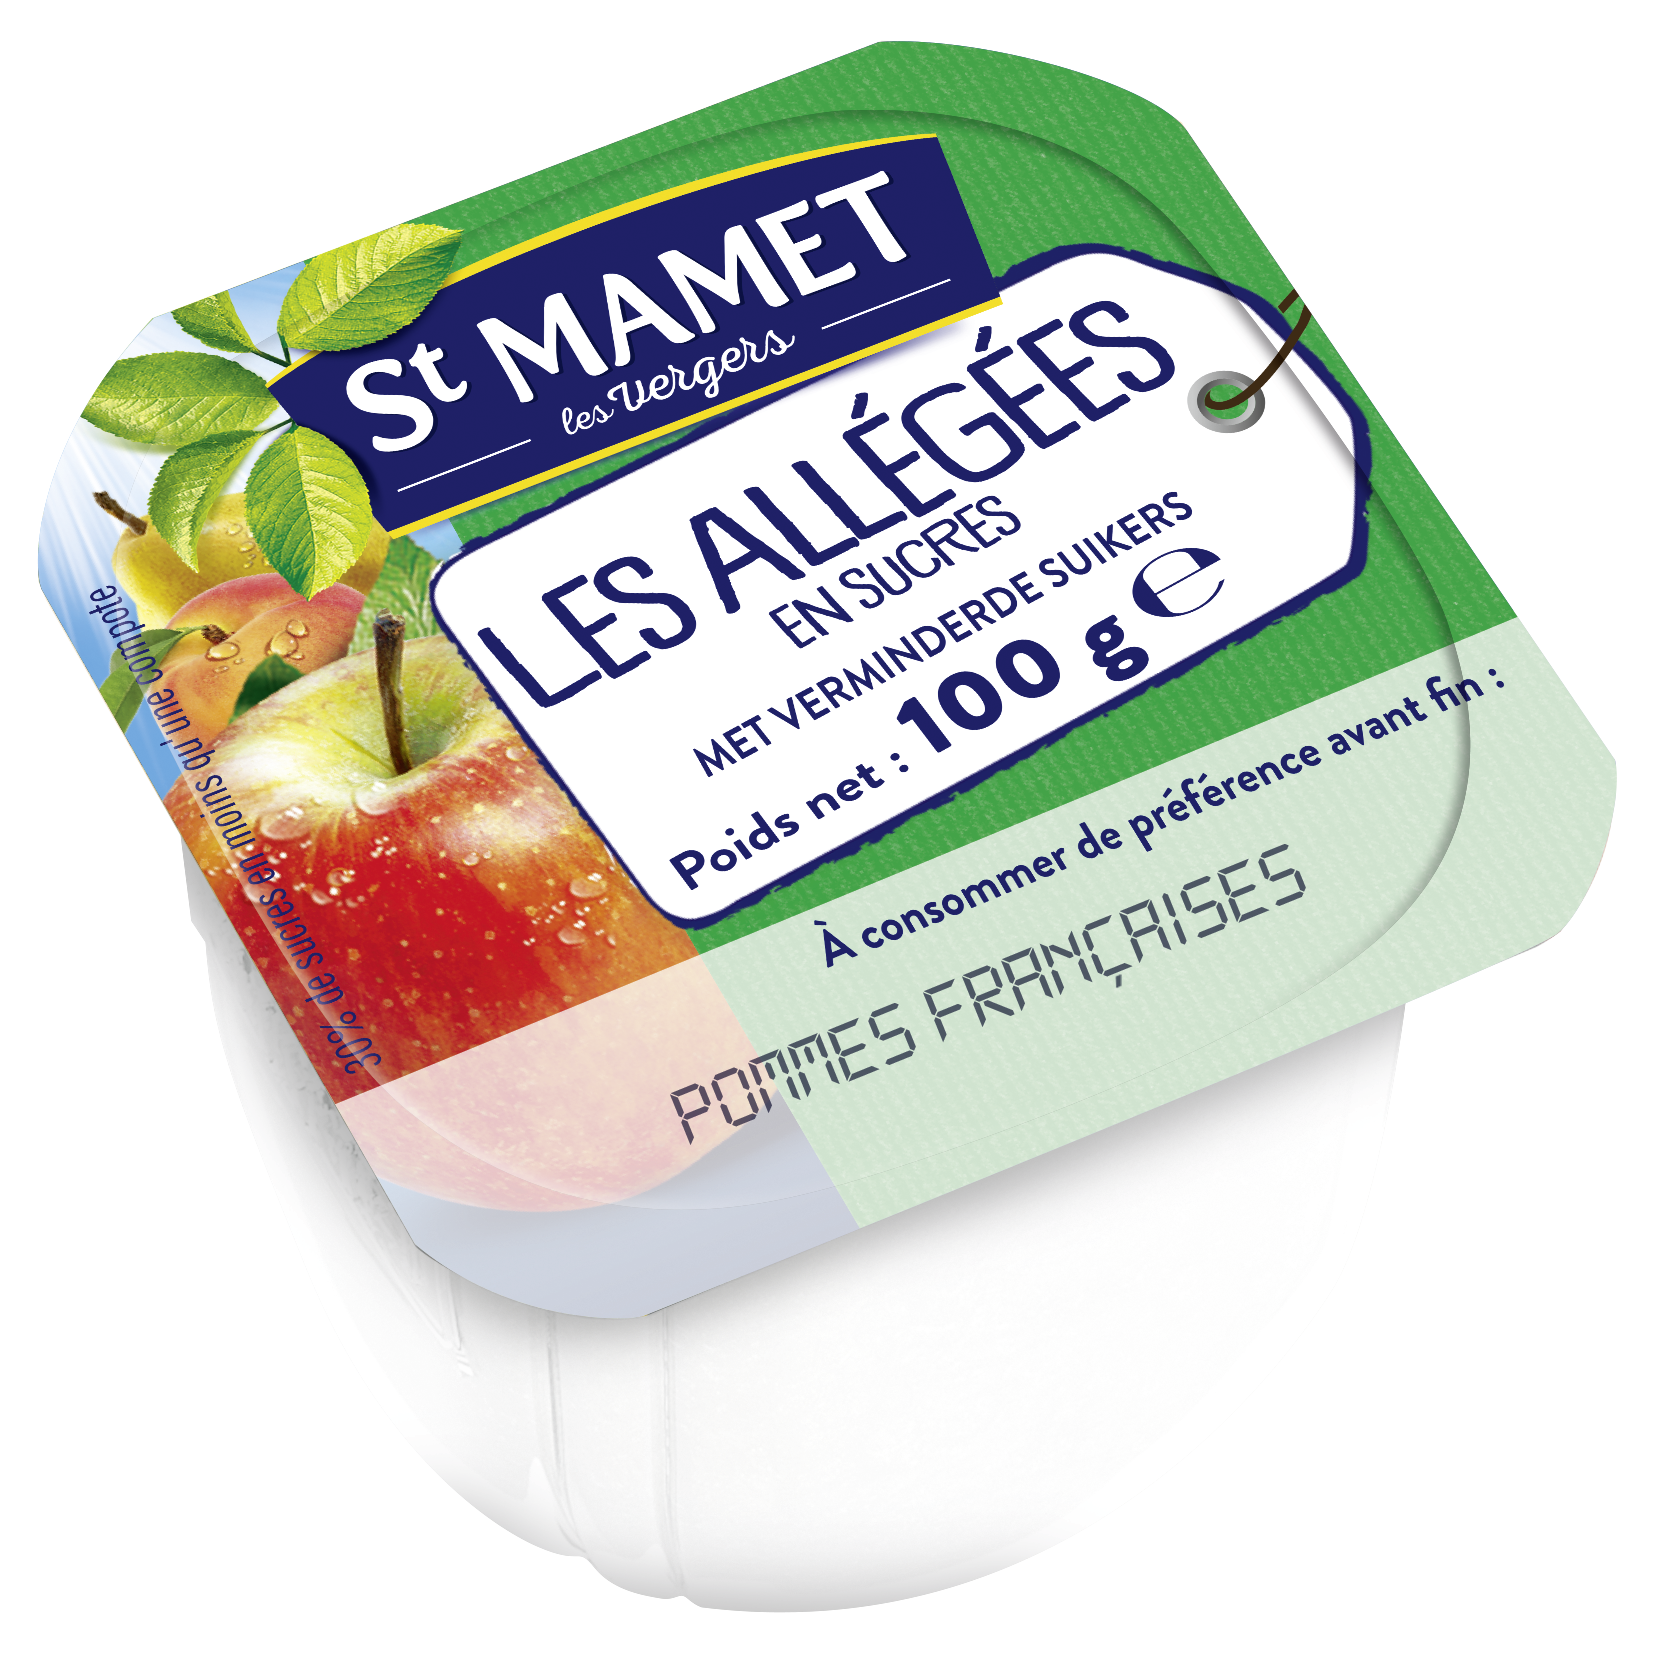 Compote de pommes 100 francaises allegee en sucre 120x100 ml st mamet